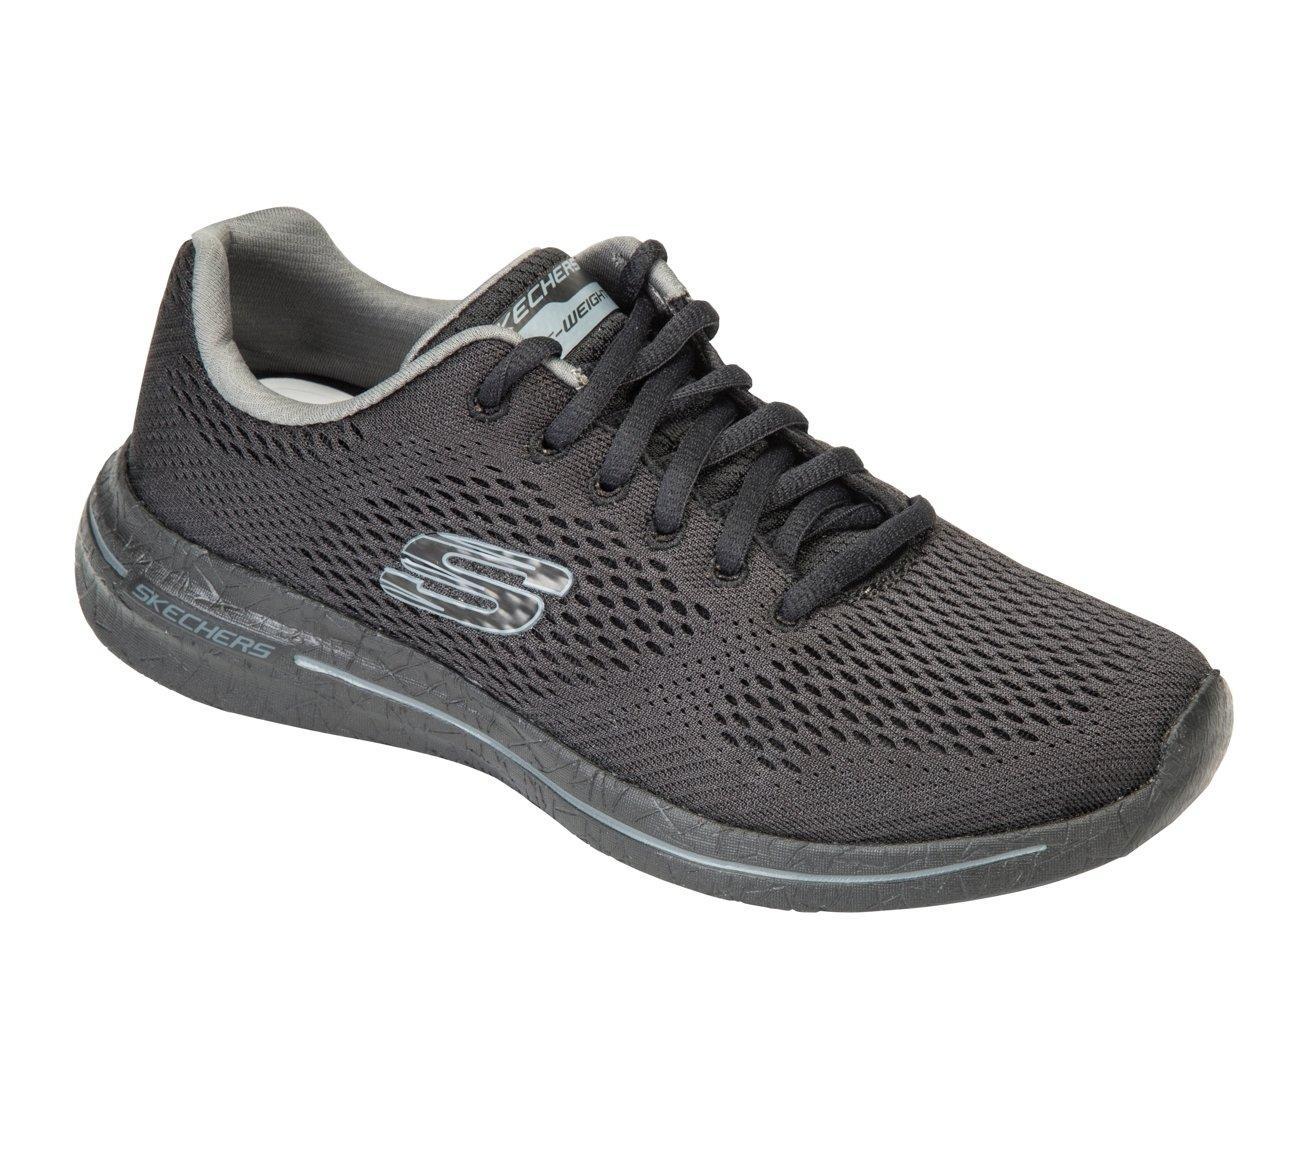 Skechers Burst 2.0 Kadın Ayakkabı Skc88888036 Bbk